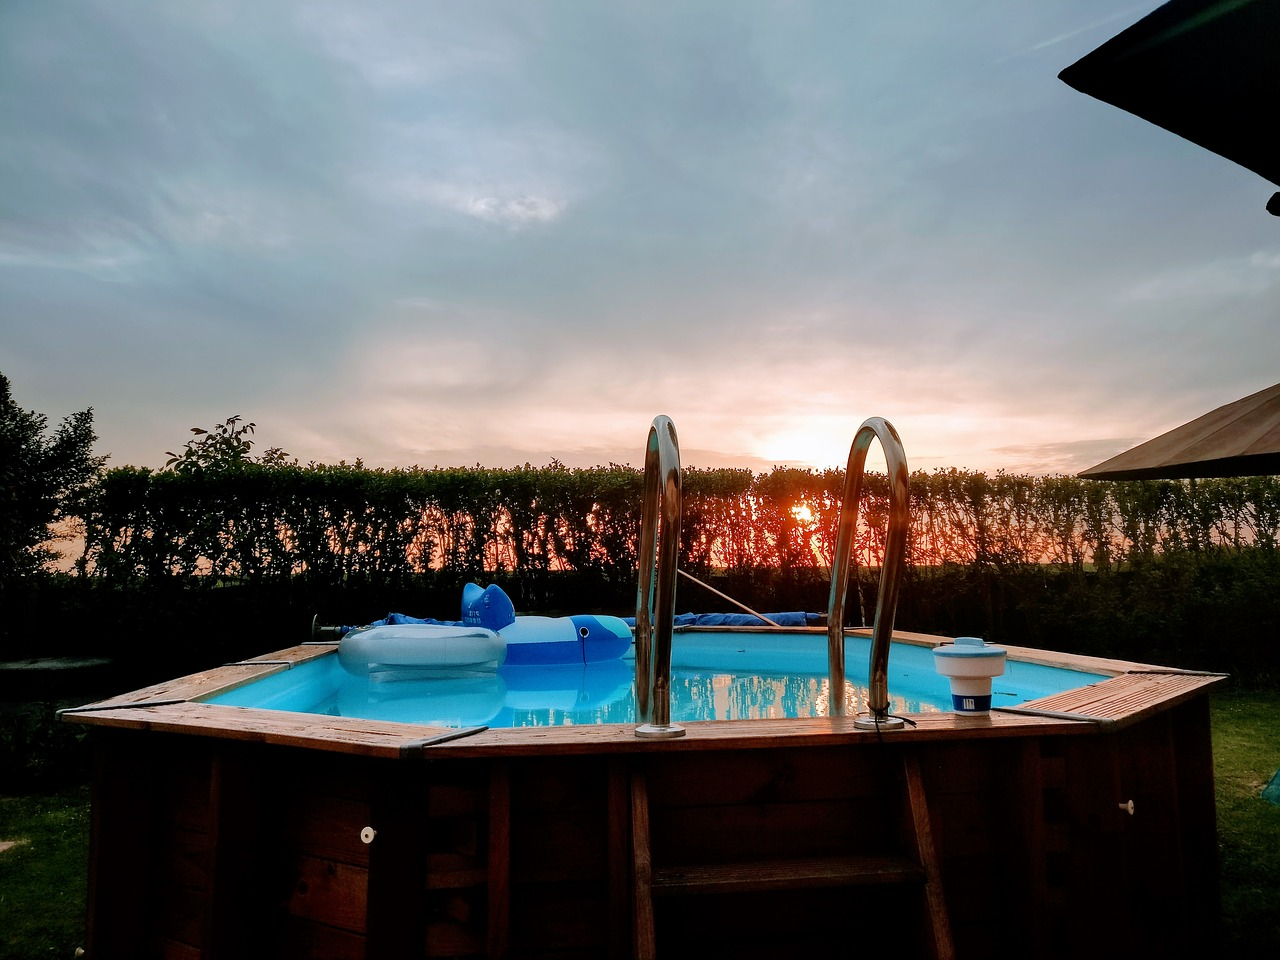 Quanto costa installare una piscina fuori terra for Quanto costa costruire una piscina